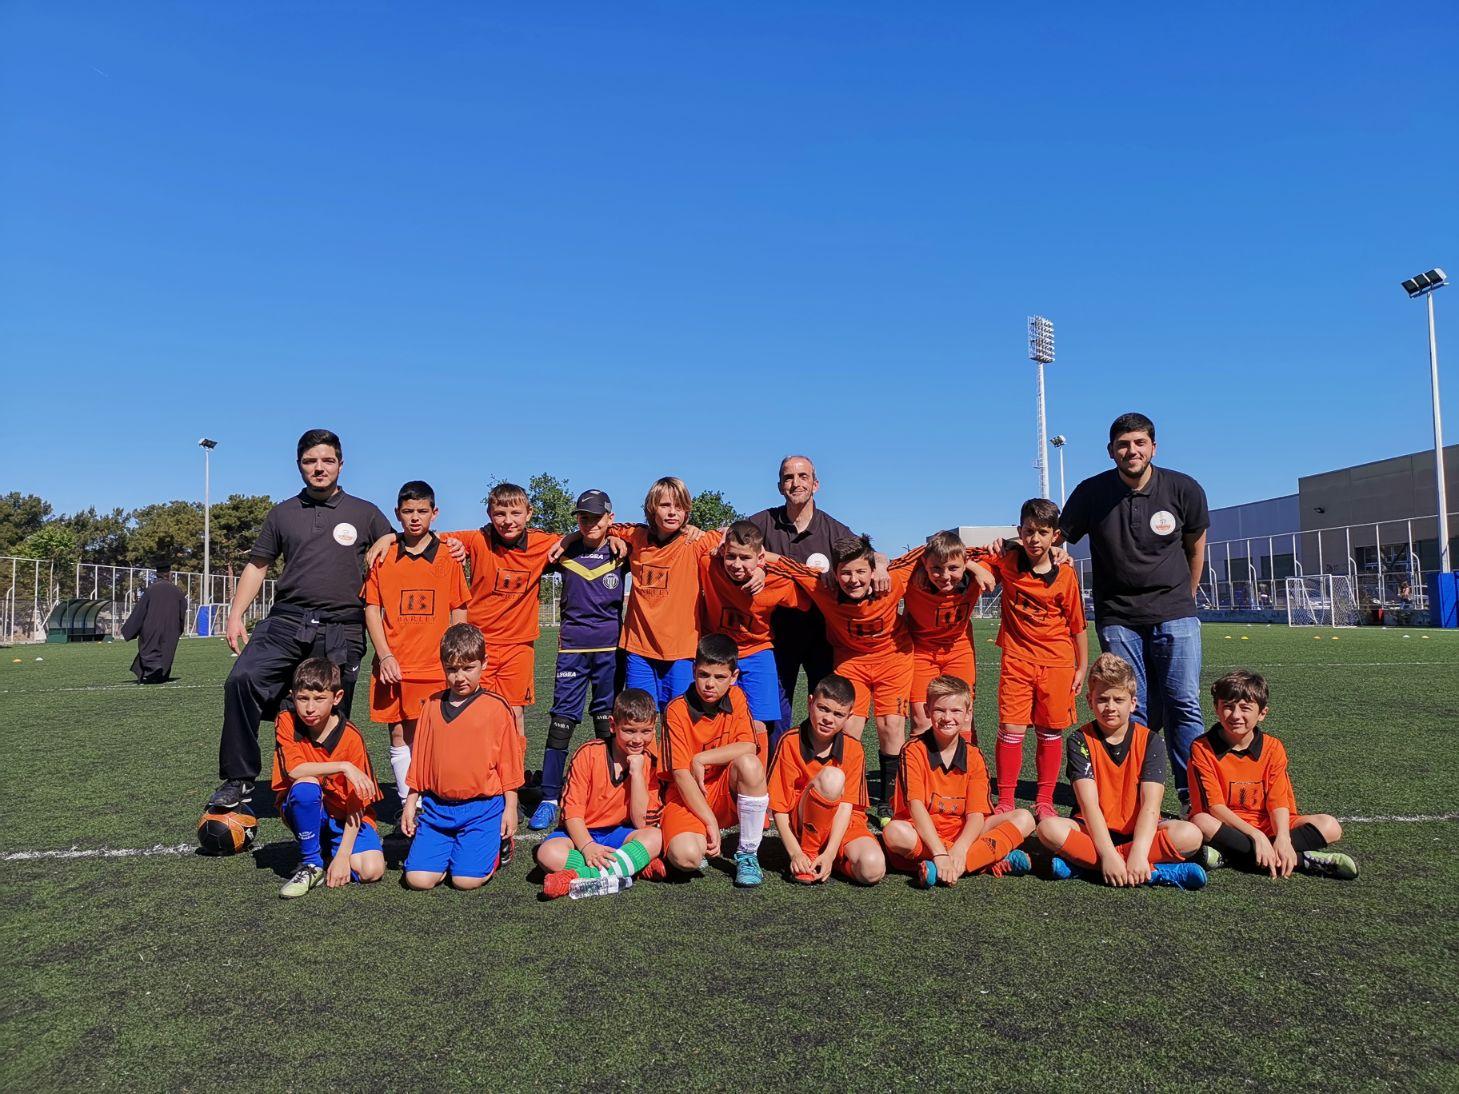 Οι «Νέστορες» στην τρίτη θέση του Μητροπολιτικού Πρωταθλήματος Ποδοσφαίρου